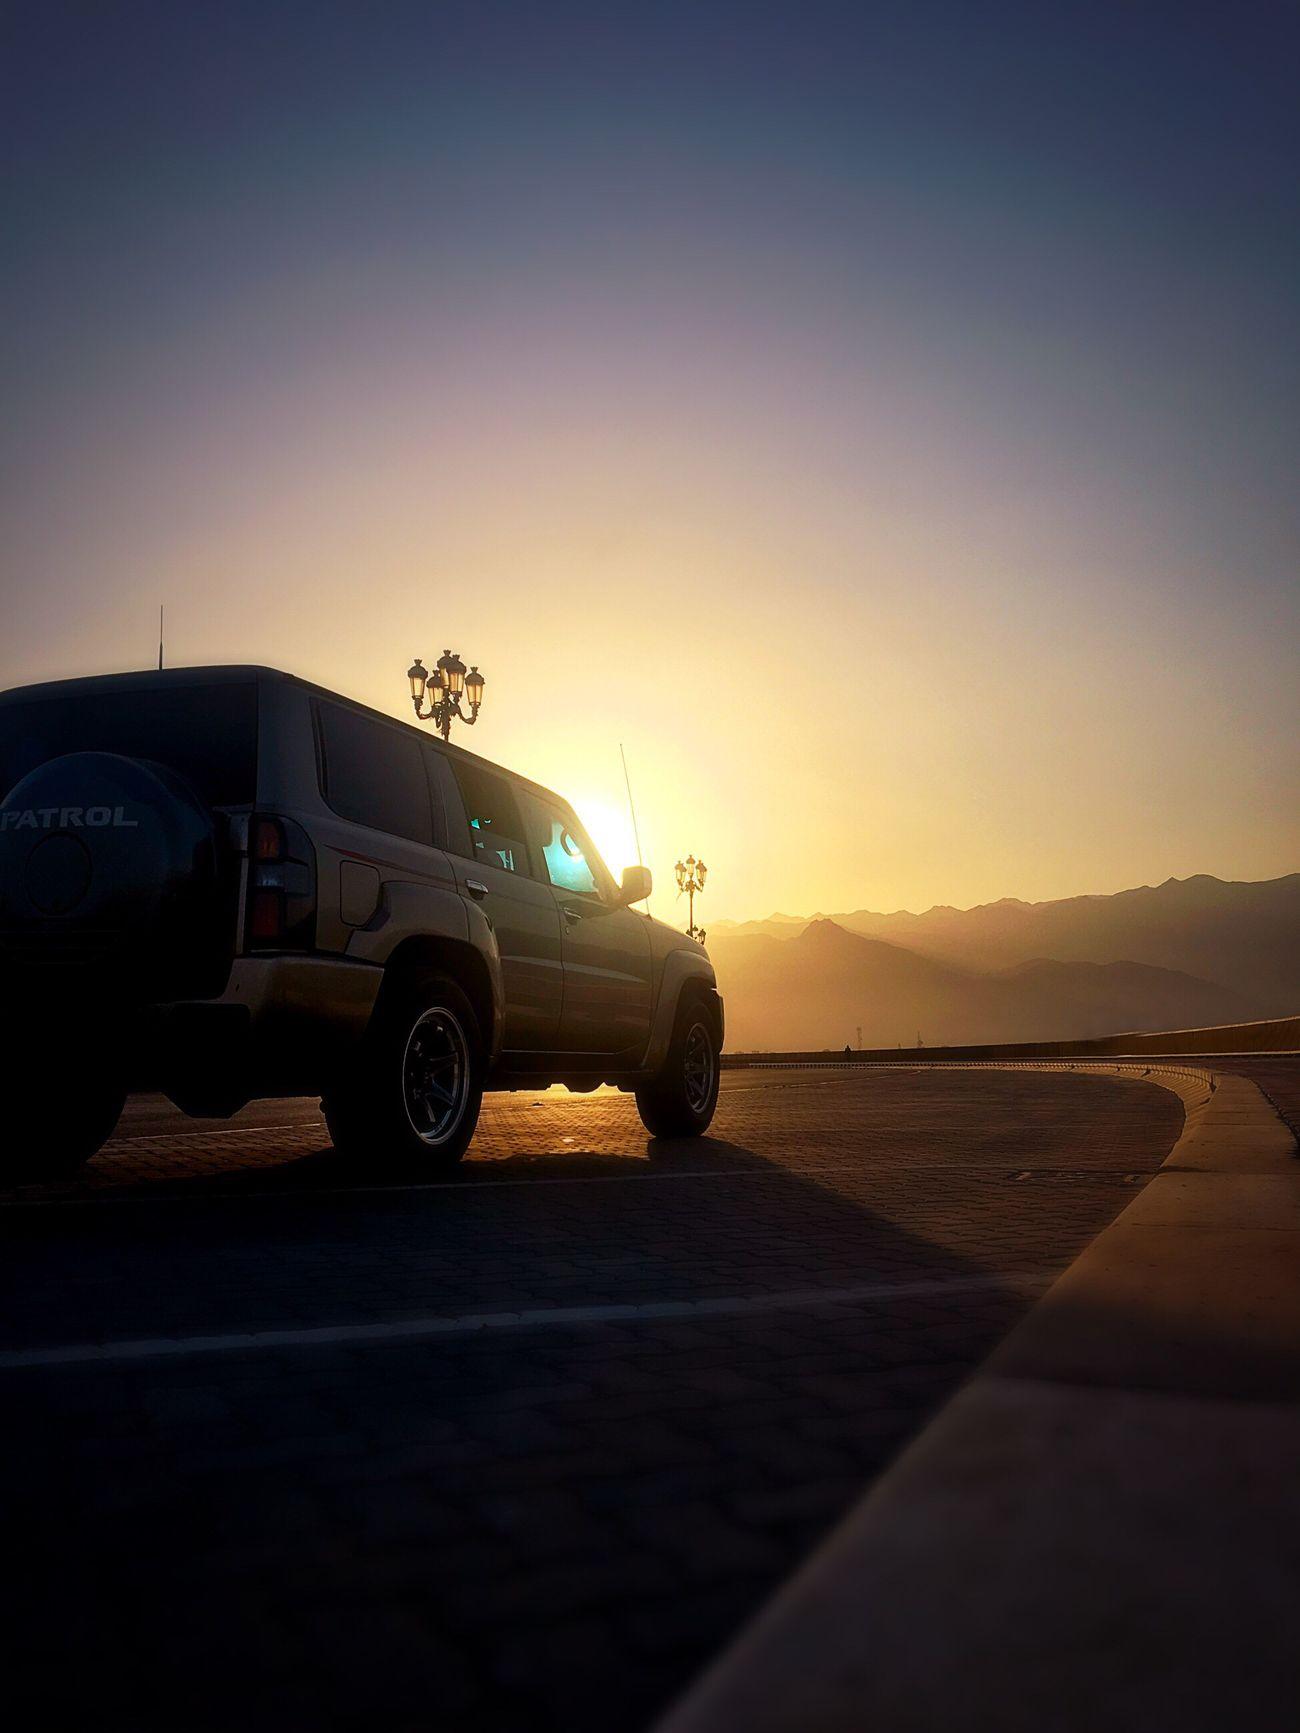 Fujairah UAE Nissan Patrol  Sunset Mountains First Eyeem Photo